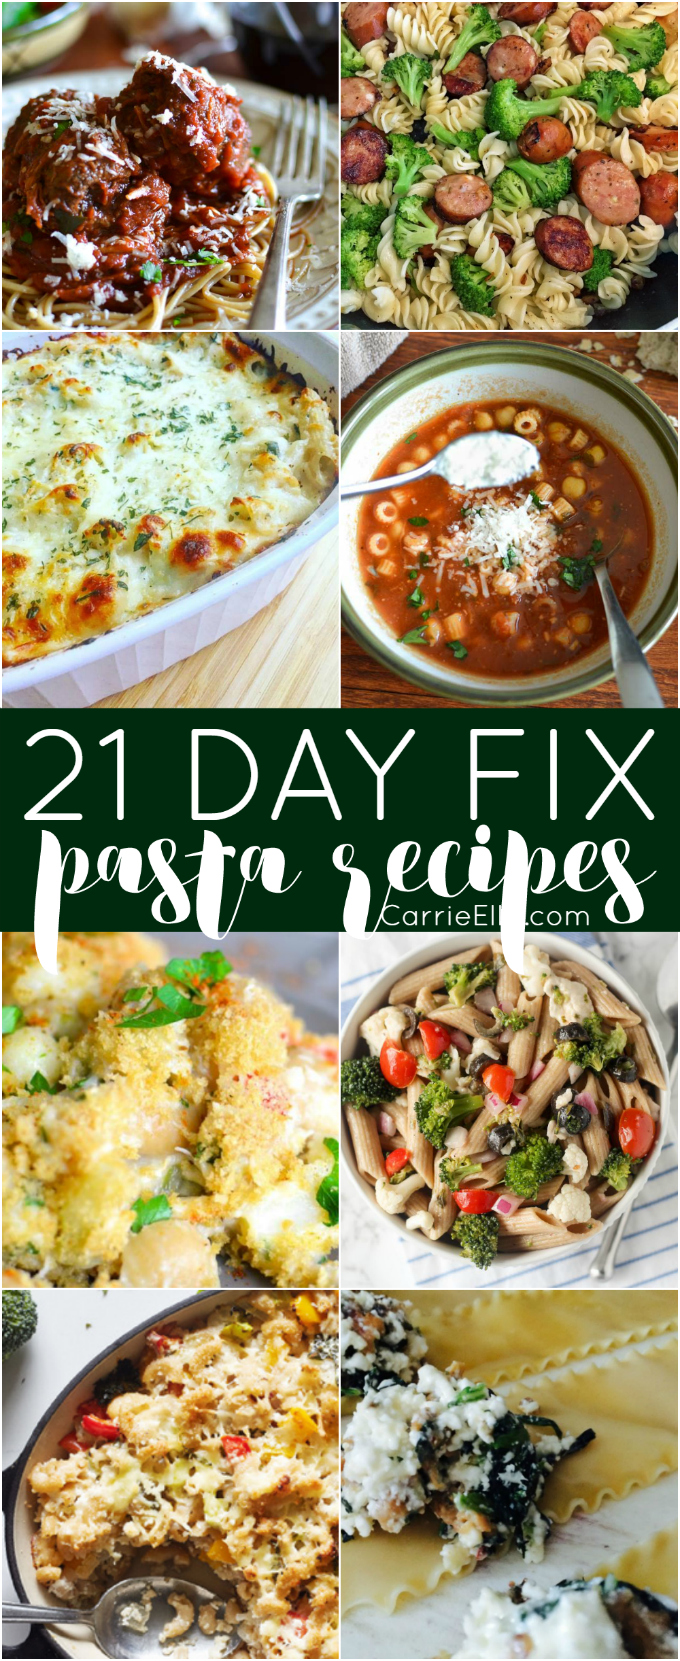 21 Day Fix Pasta Recipes